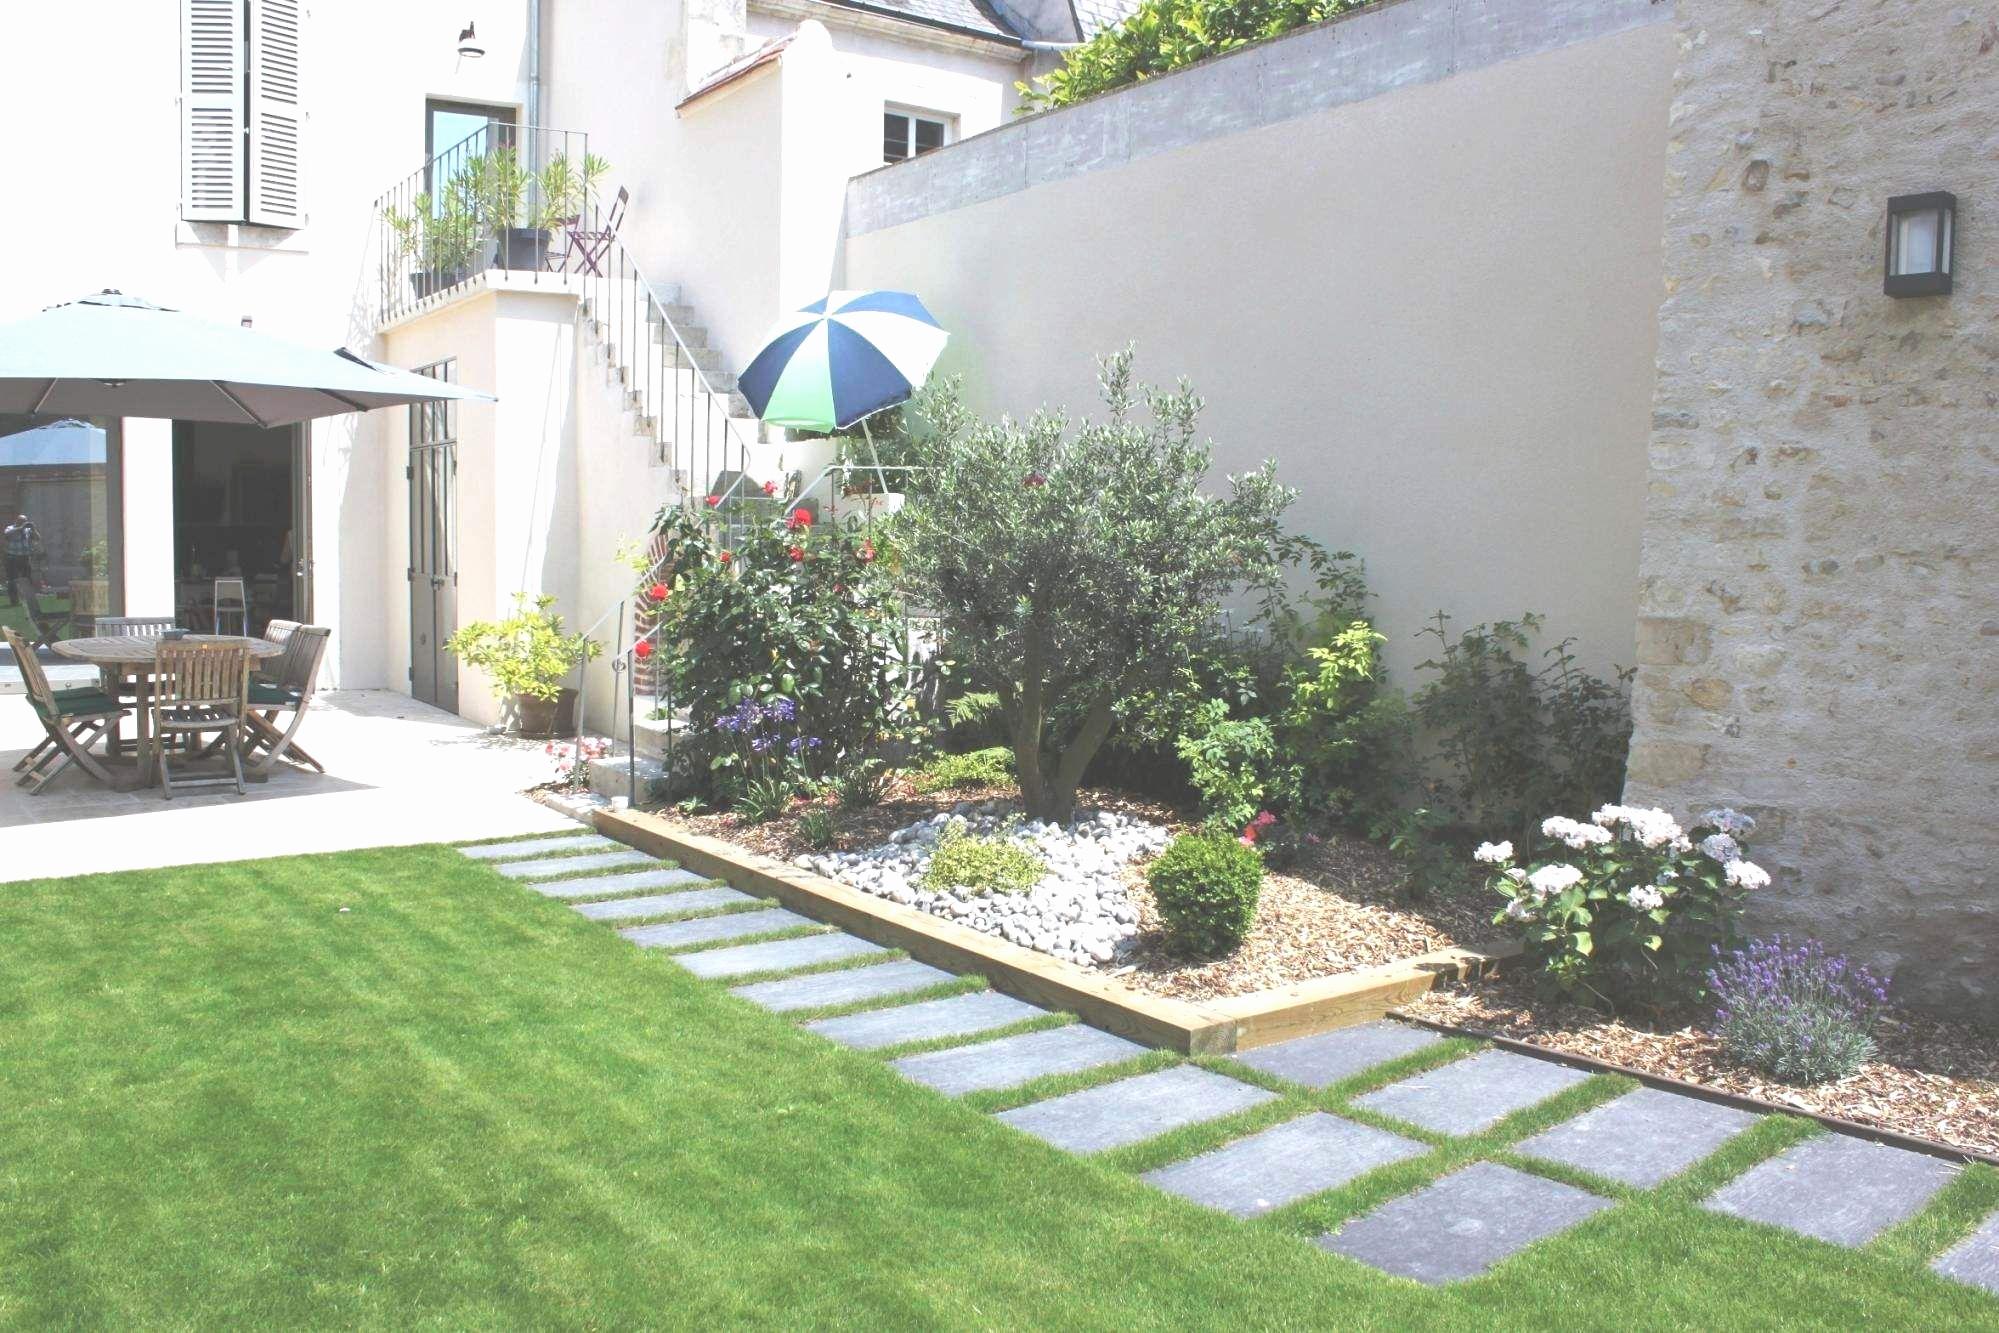 photos amenagement exterieur inspirant amenagement jardin pente avec 41 beau stock de amenagement exterieur of photos amenagement exterieur